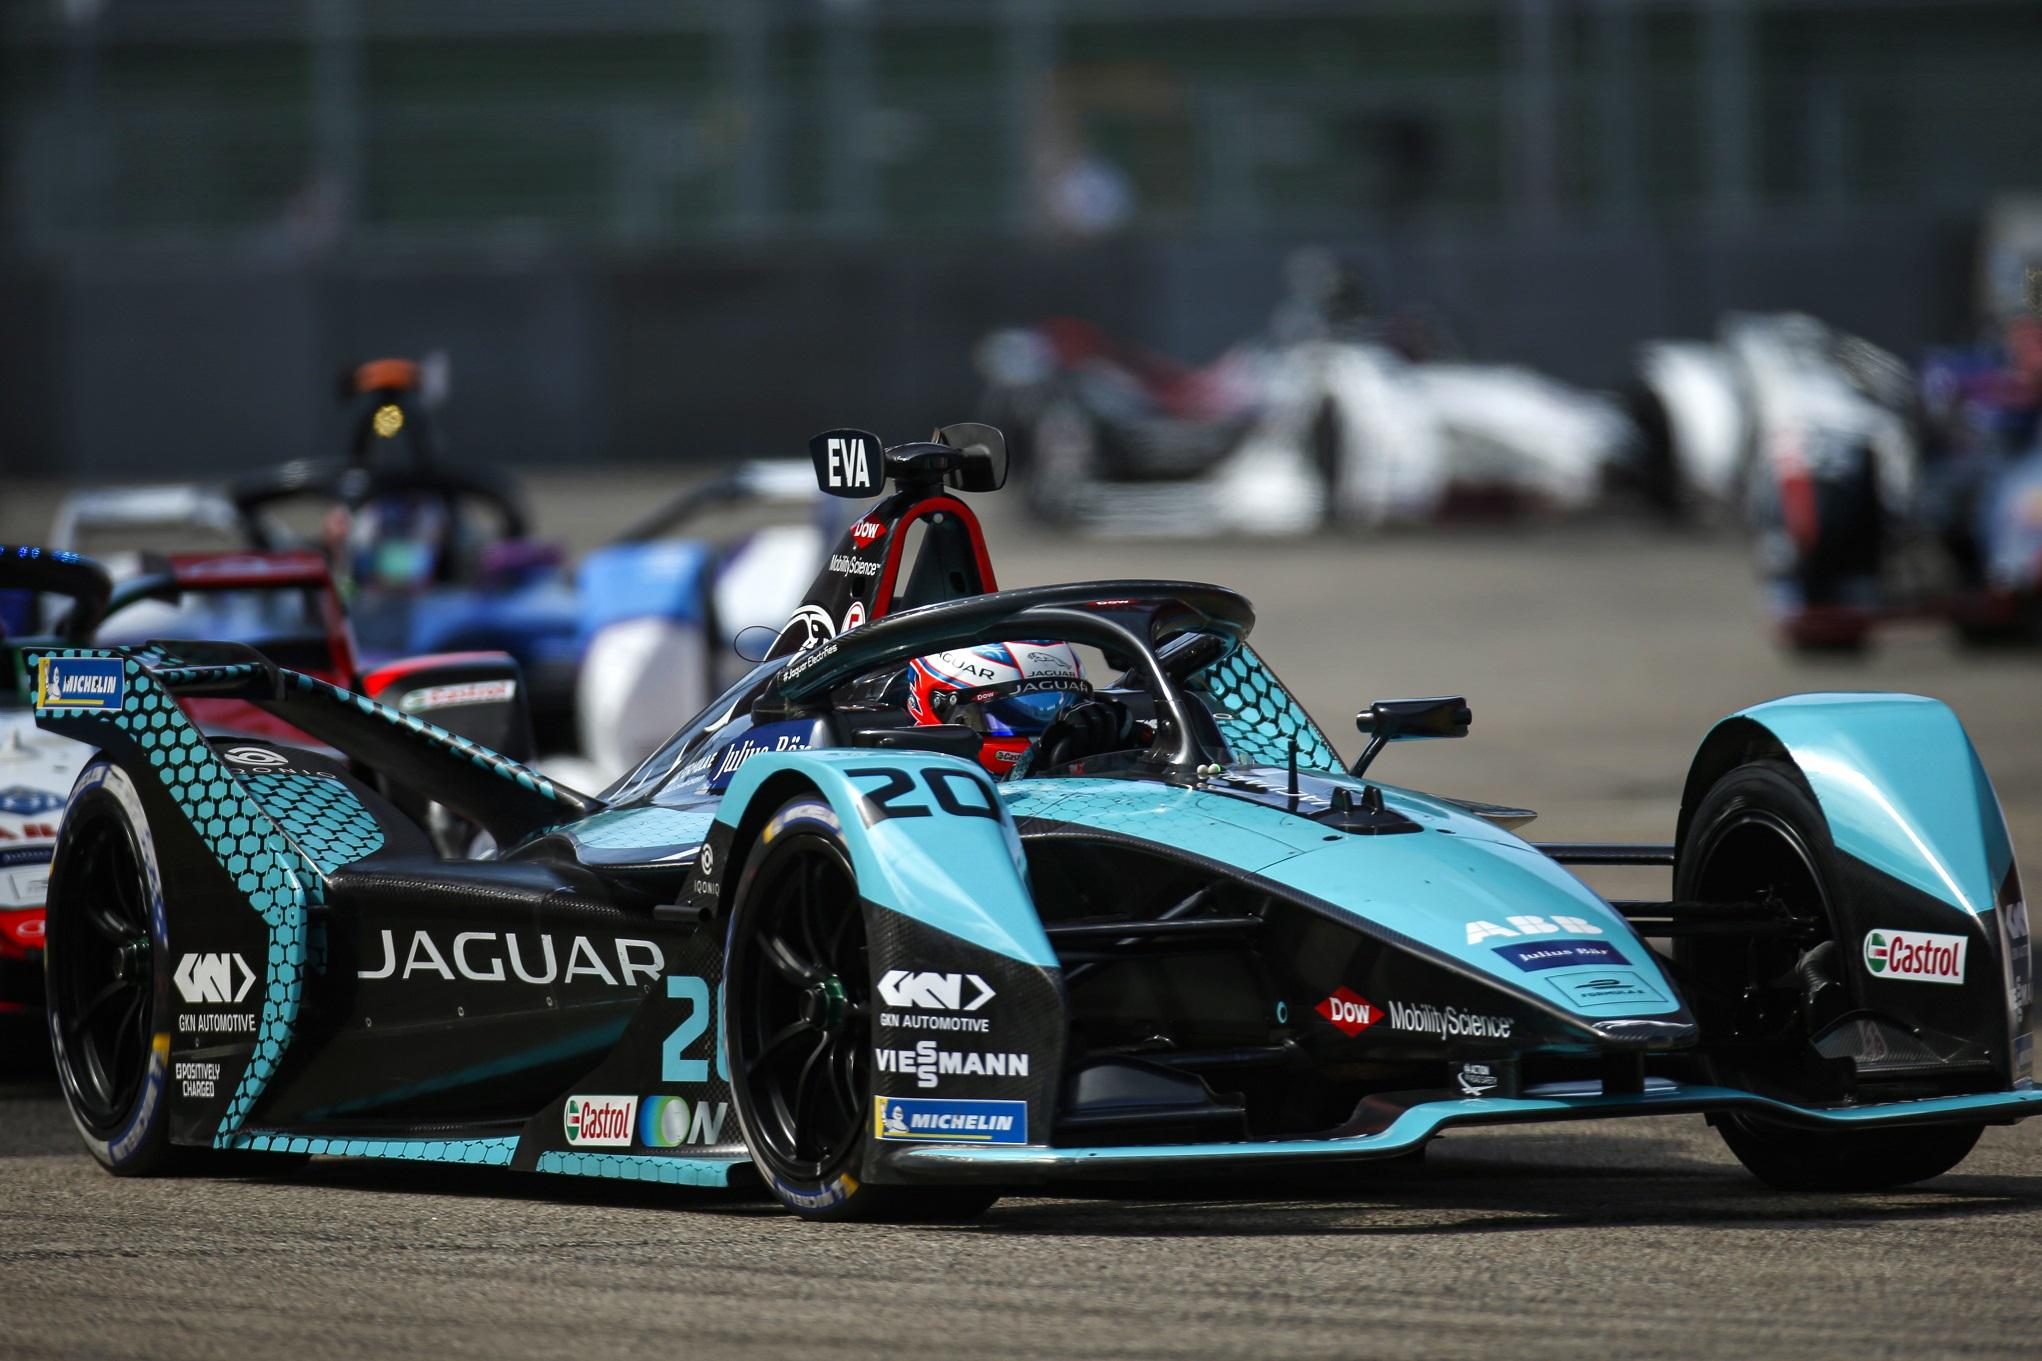 """ميتش إيفانز يفوز مع """"جاكوار للسباقات"""" في بطولة الفورمولا إي"""